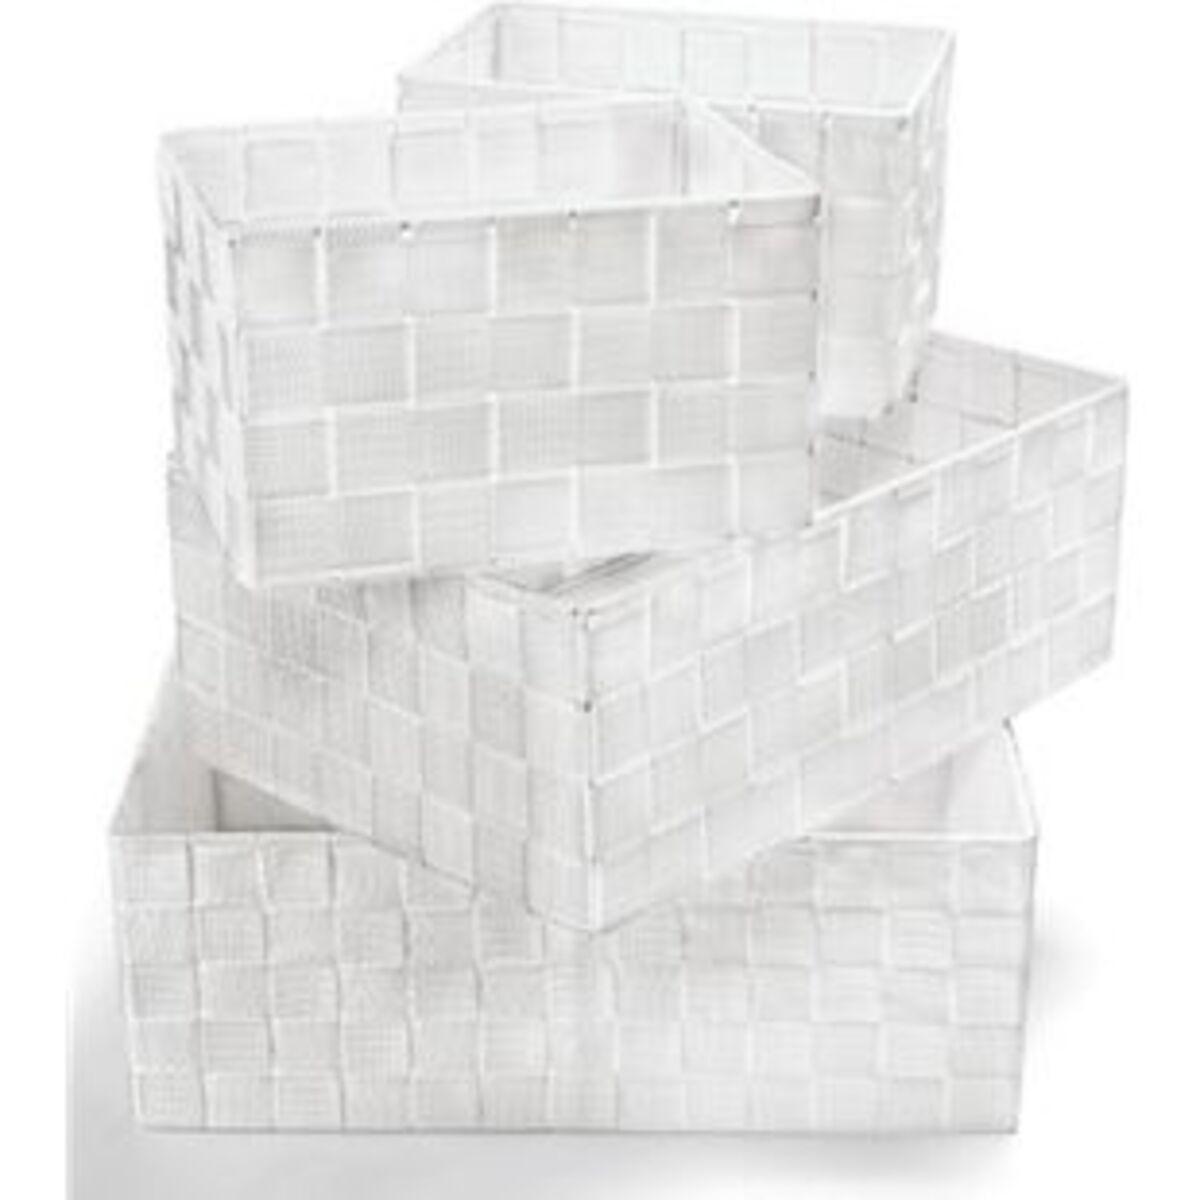 Bild 2 von Dekor Ordnungsboxen 4er Set weiß